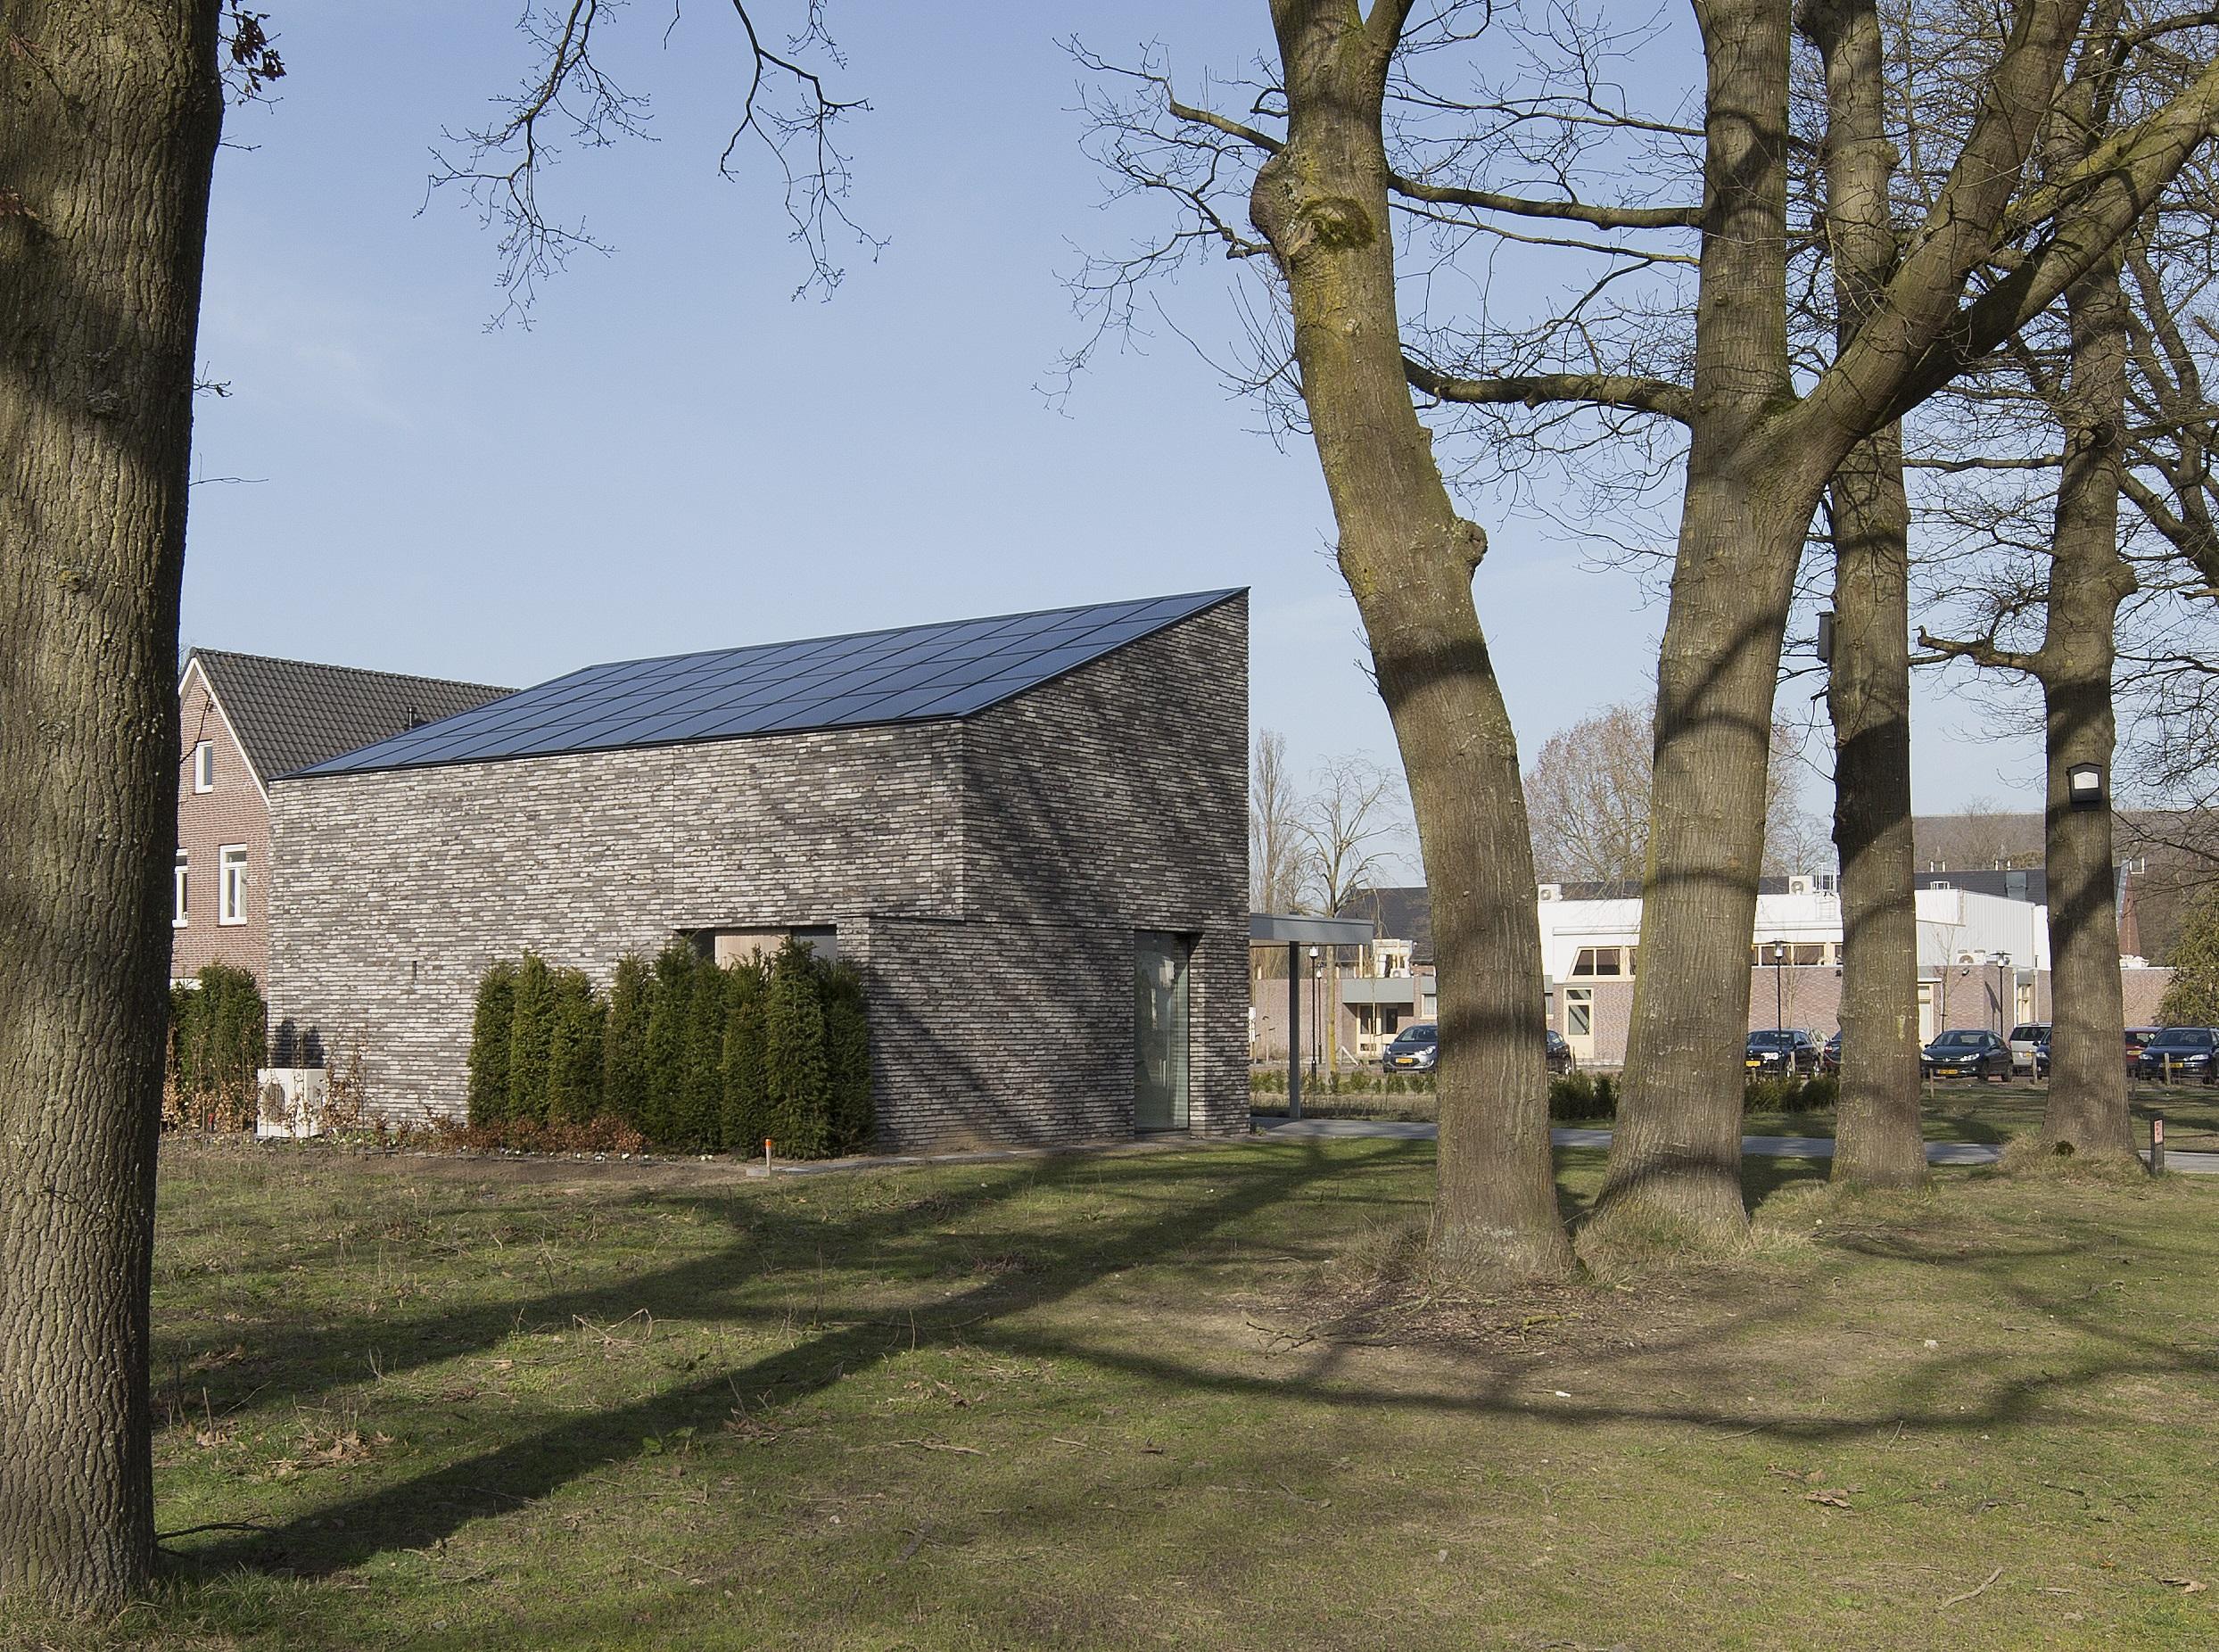 <p>foto: John van Groenedaal</p>